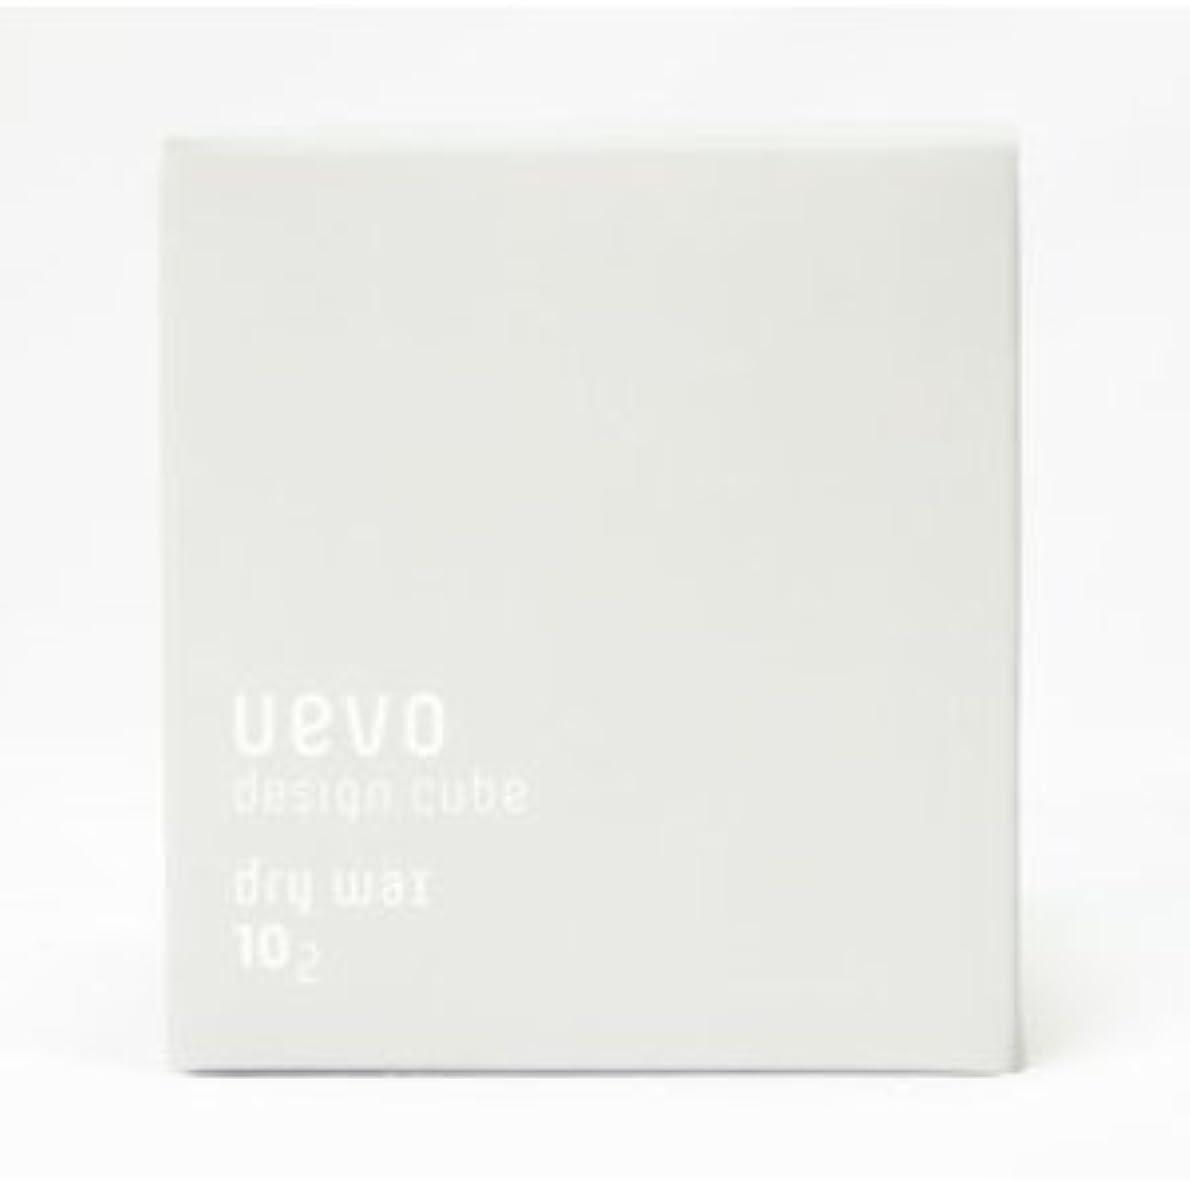 ファランクス限界歴史家【X2個セット】 デミ ウェーボ デザインキューブ ドライワックス 80g dry wax